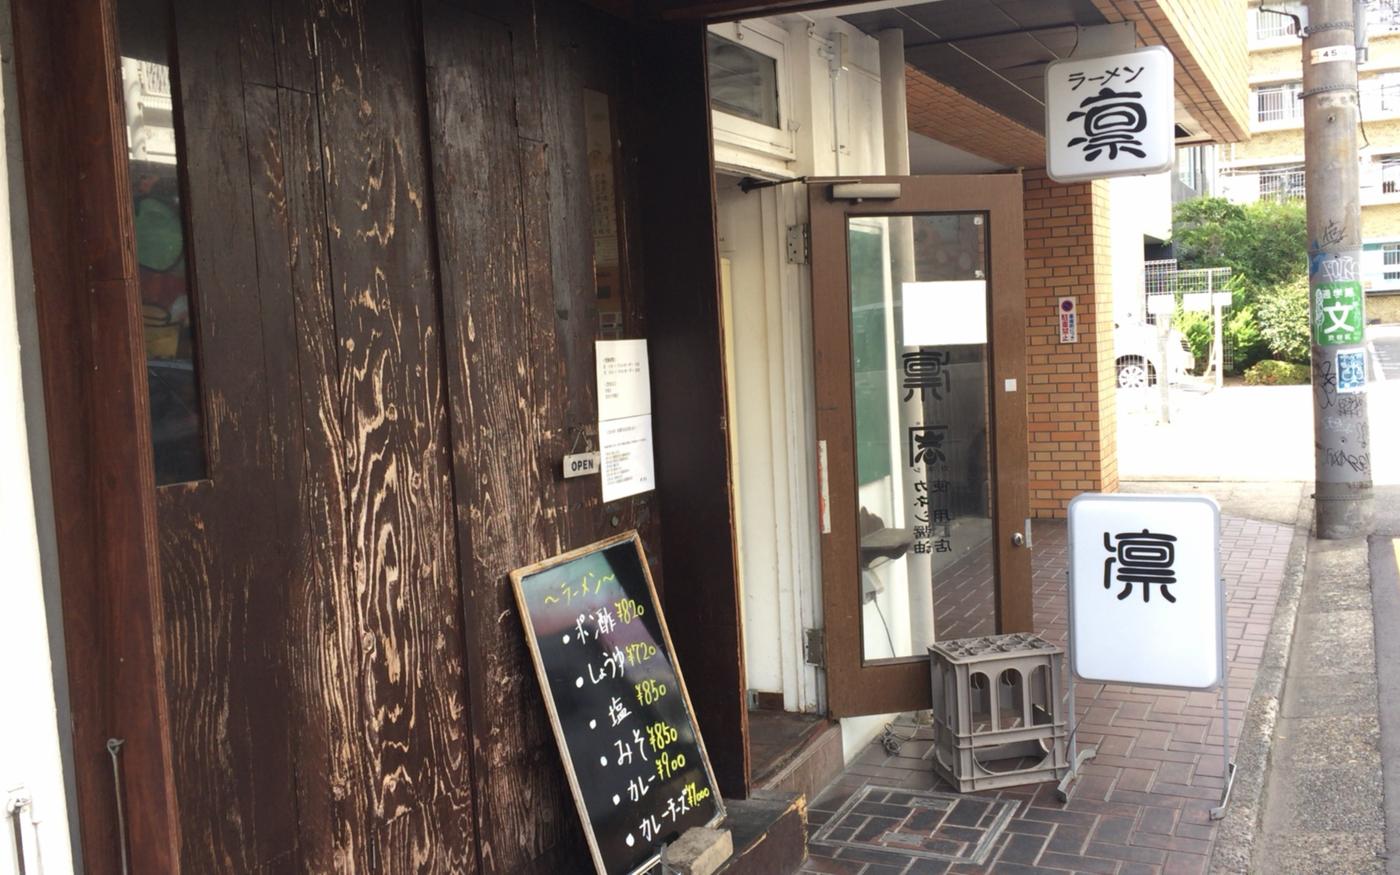 【二郎系ラーメン特集】渋谷でガッツリ食べれちゃうお店4選!の画像